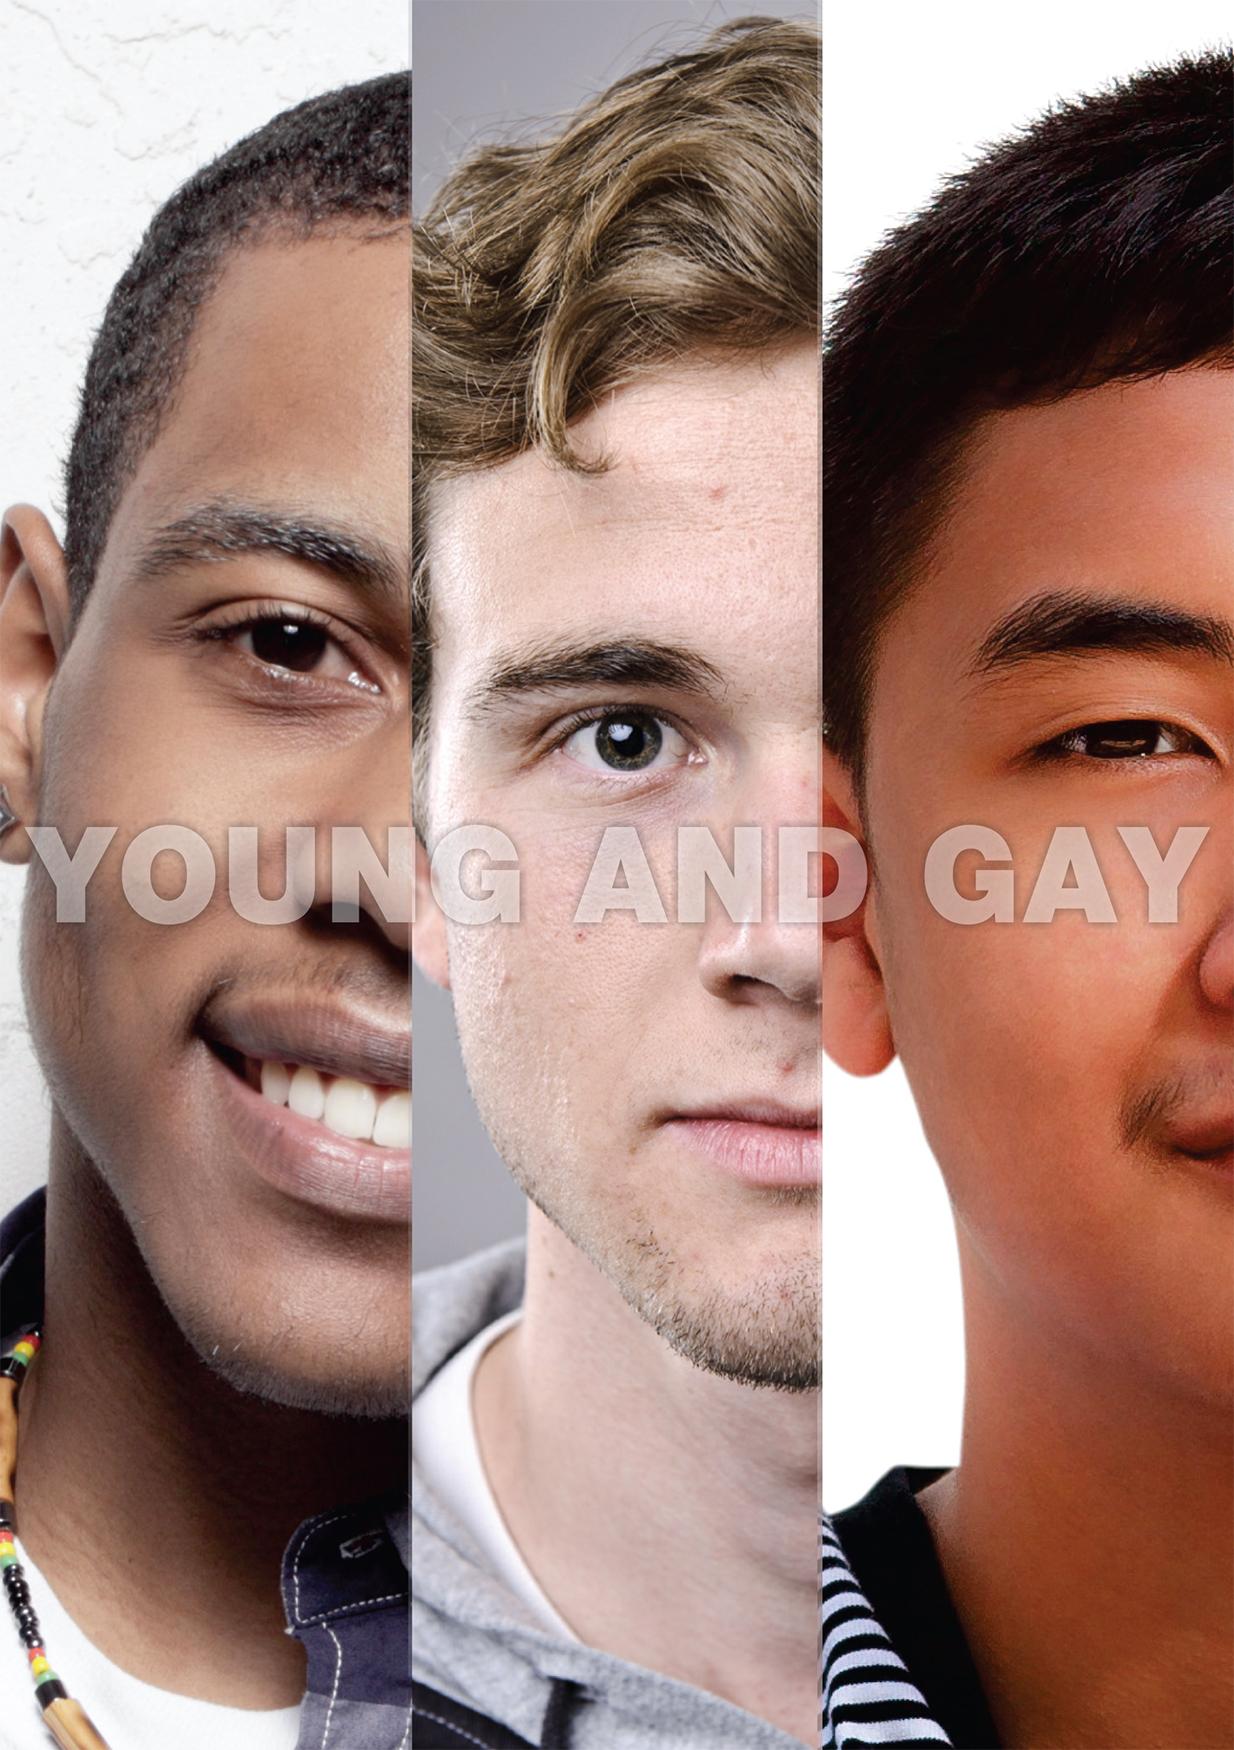 yg is gay